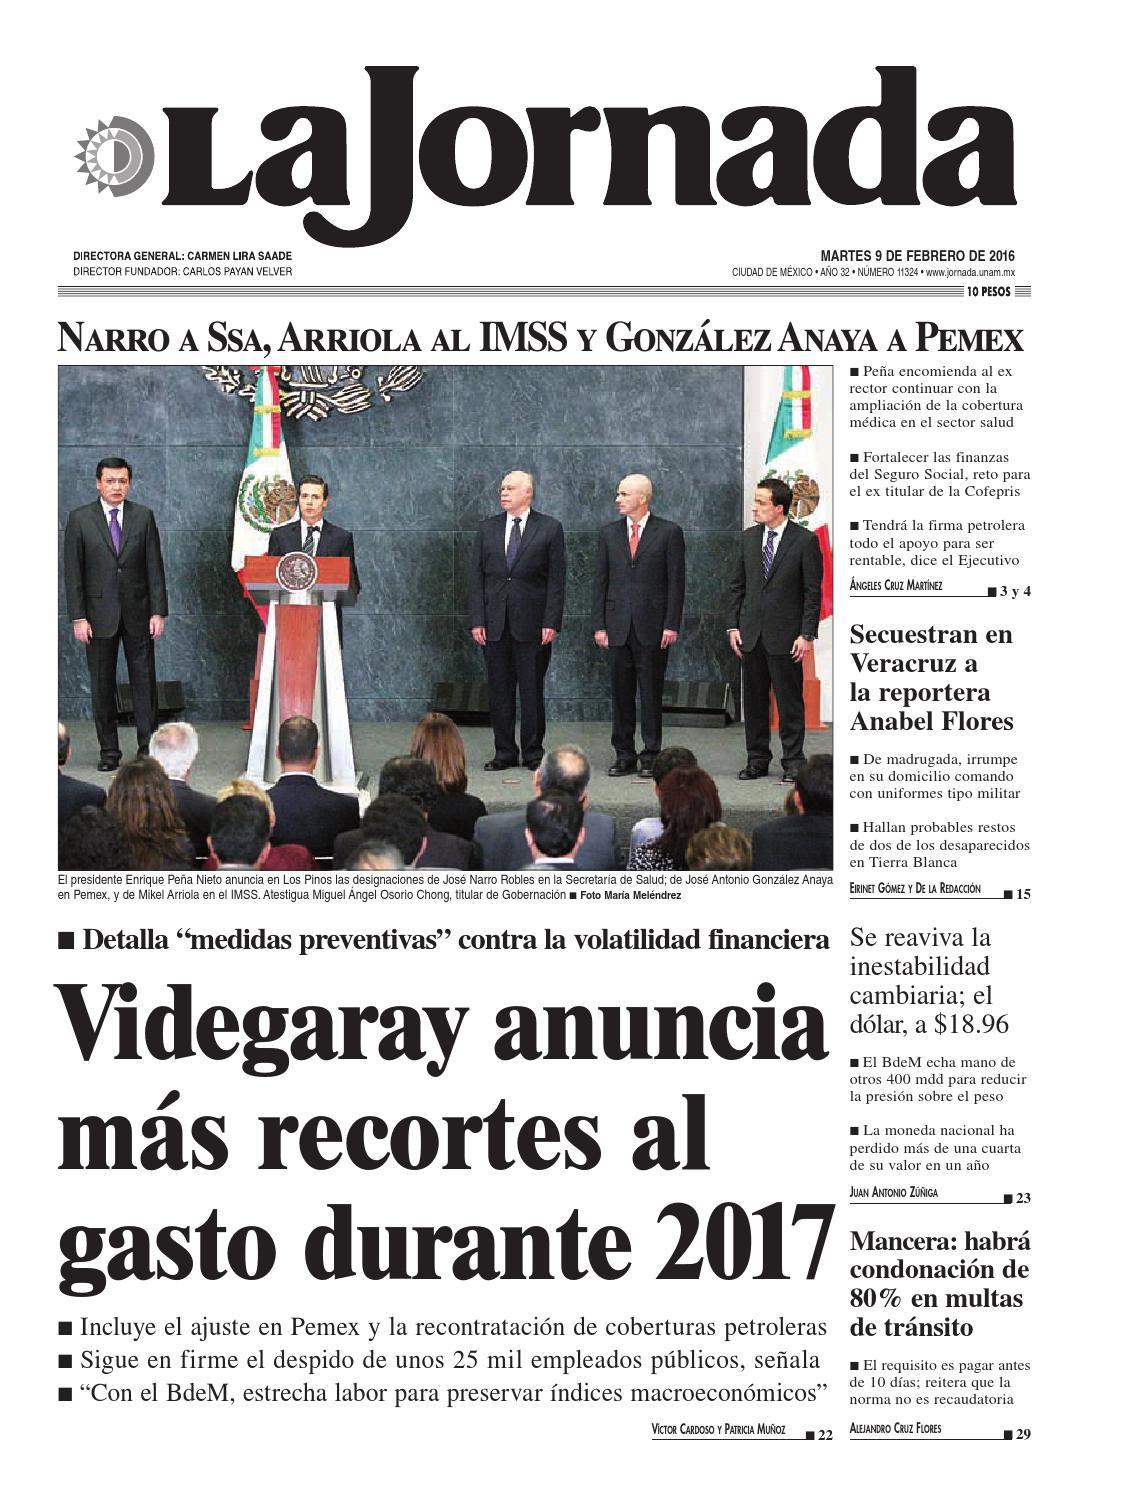 La Jornada 02 09 2016 By La Jornada Demos Desarrollo De Medios  # Muebles Tepito San Ysidro